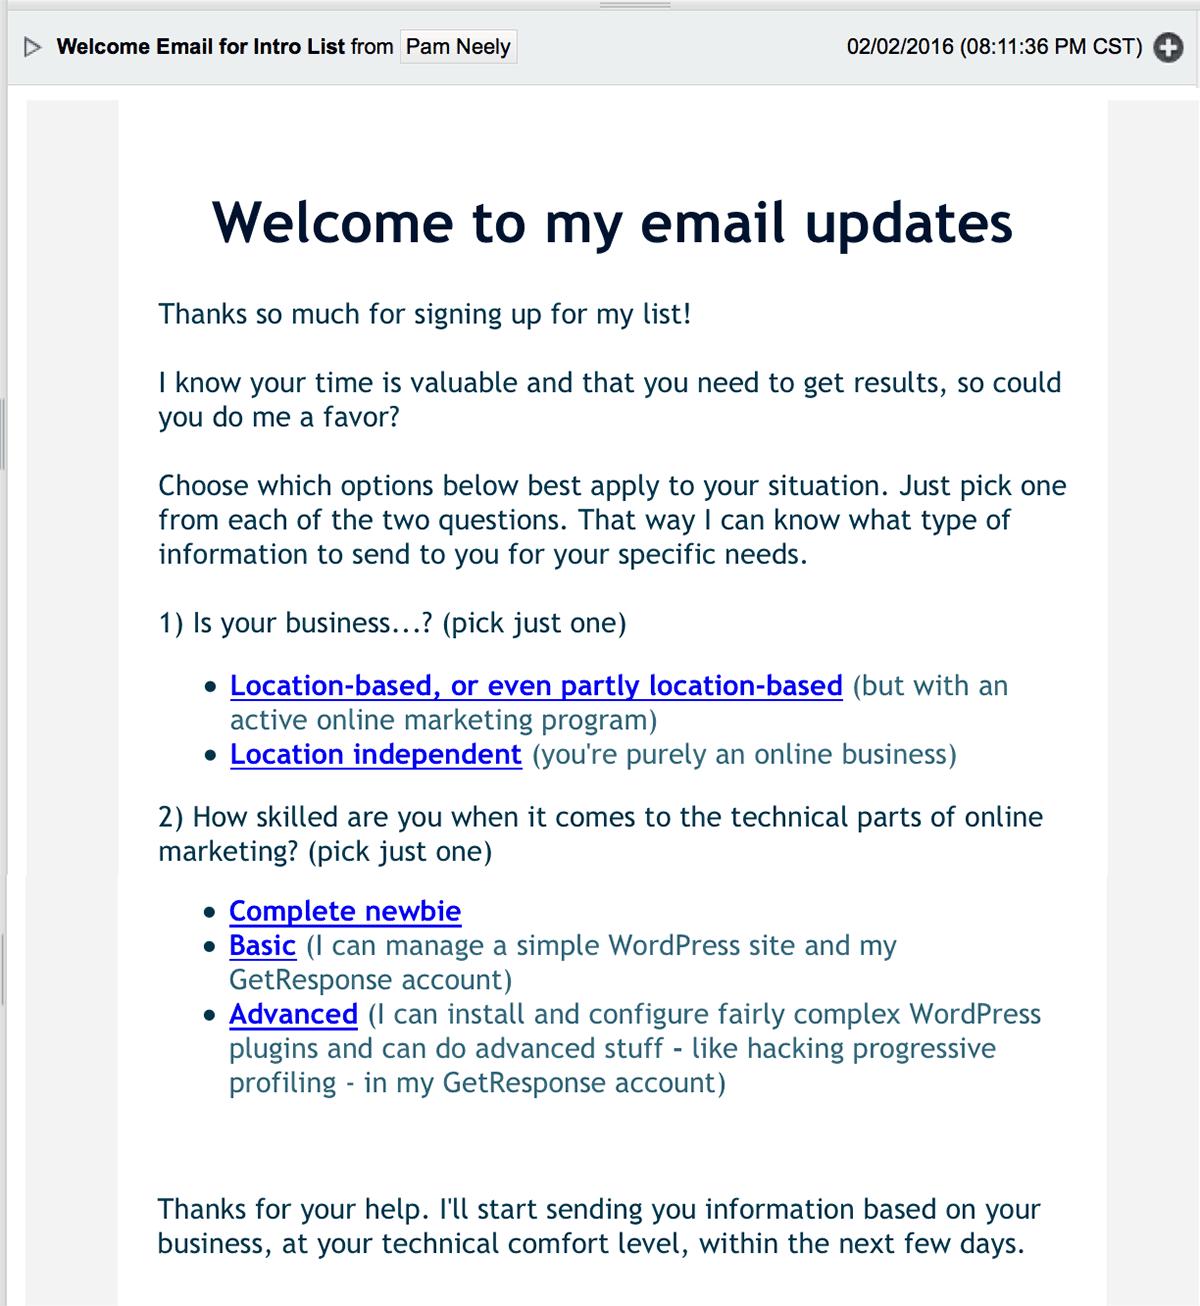 WelcomeEmailFULL